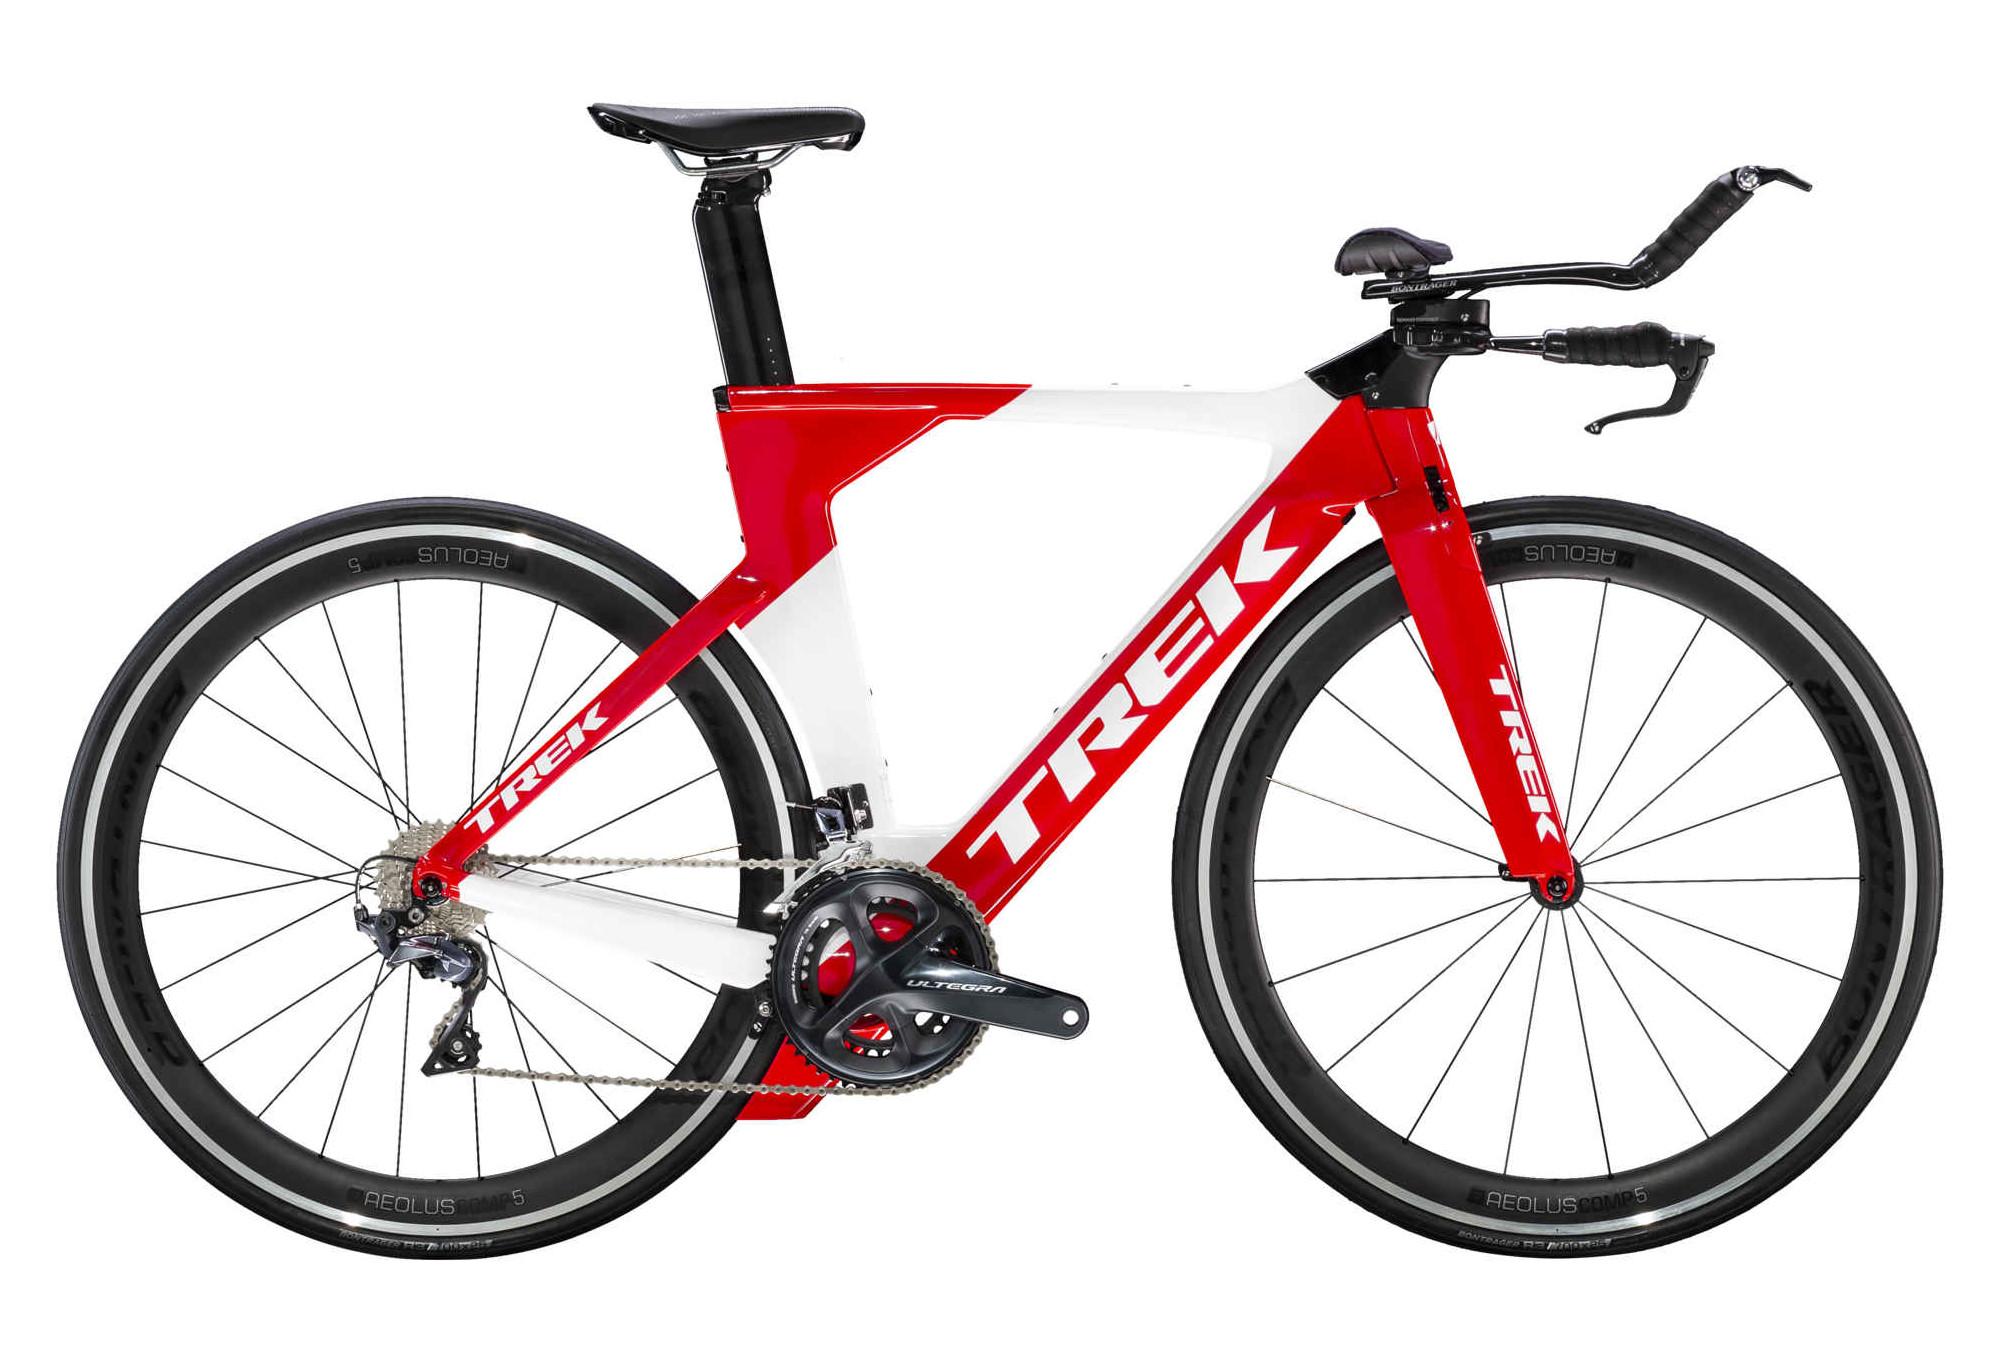 Trek Speed Concept Triathlon Bike Shimano Ultegra 11S Red / White